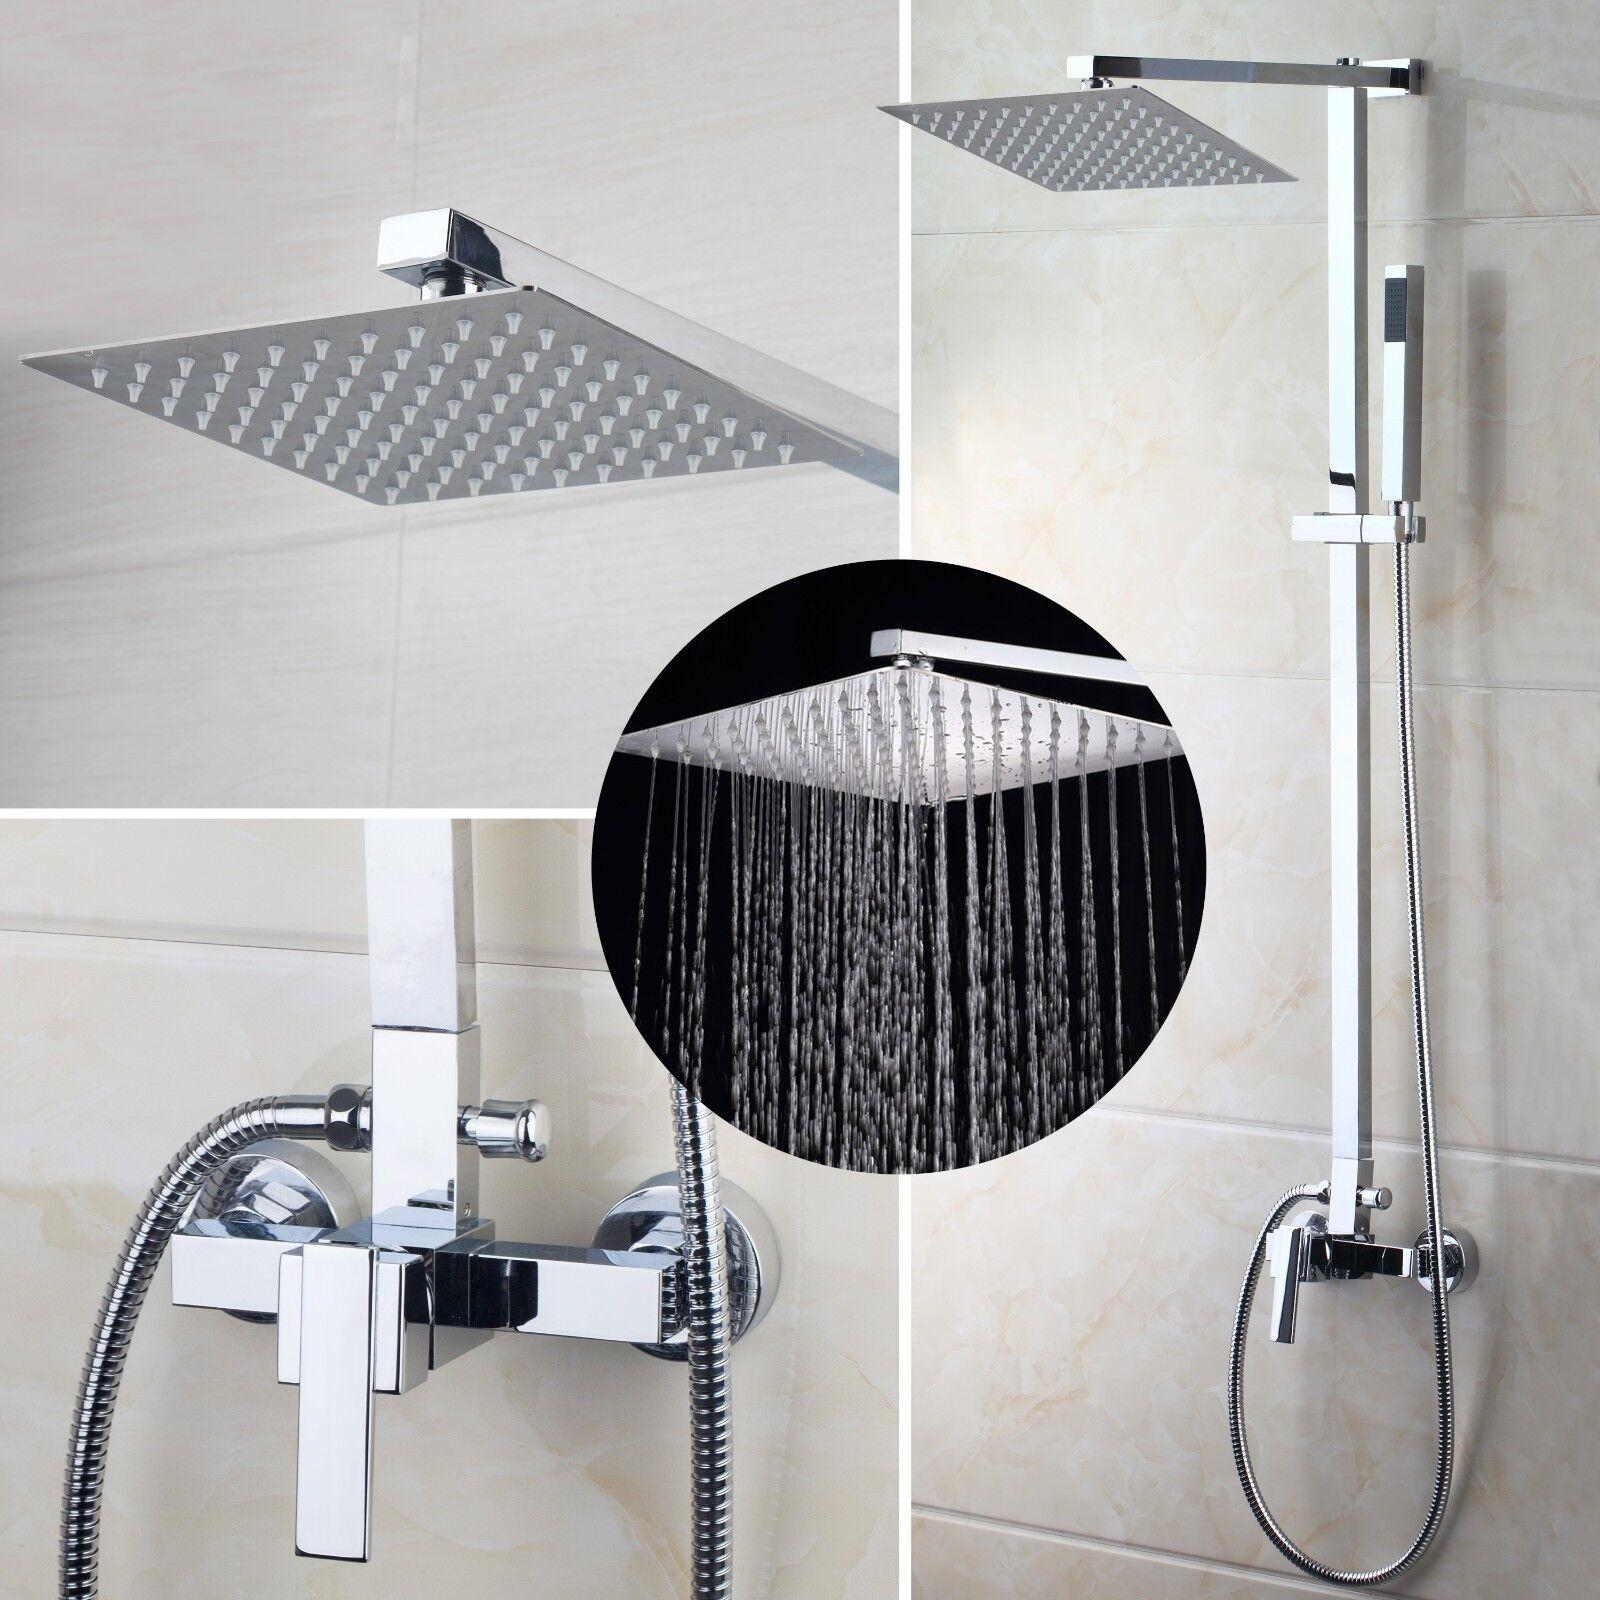 DE 8 Messing Badezimmer Dusche Regenfall Mauer Montiert Montiert Montiert Mischbatterie | Fein Verarbeitet  | Einfach zu spielen, freies Leben  | Luxus  | Professionelles Design  008edb